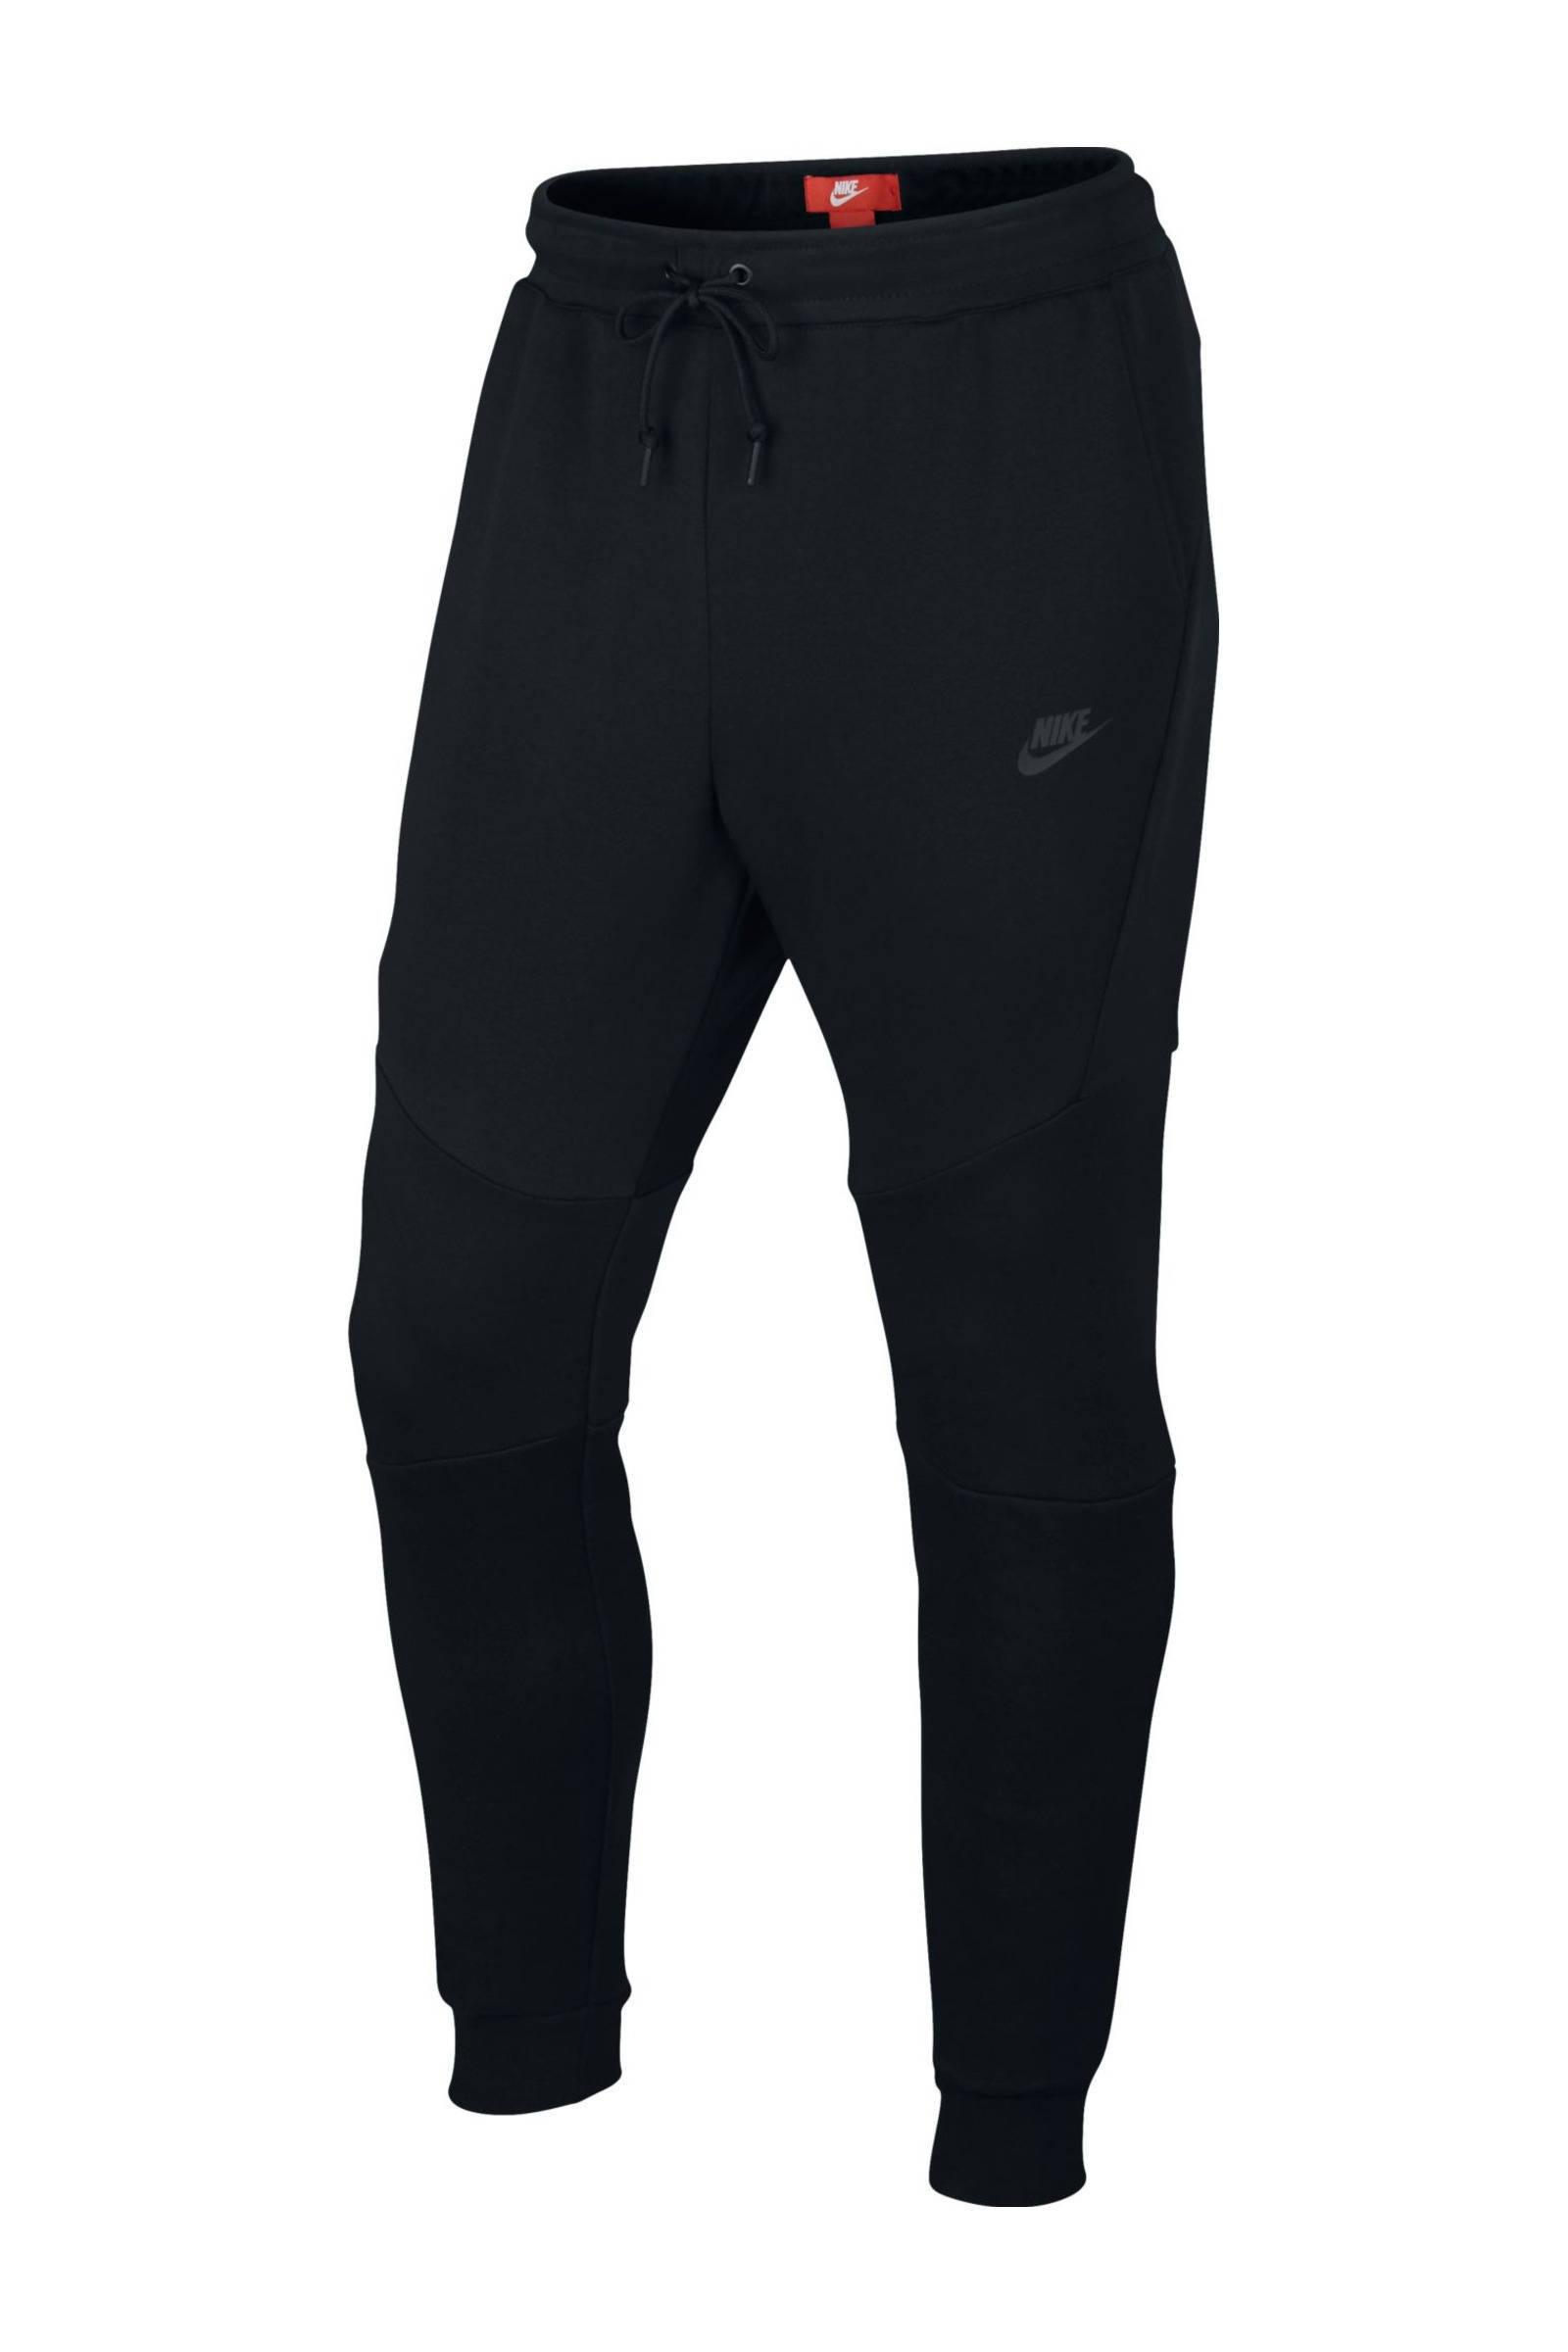 Joggingbroek Heren Skinny.Nike Tech Fleece Joggingbroek Wehkamp